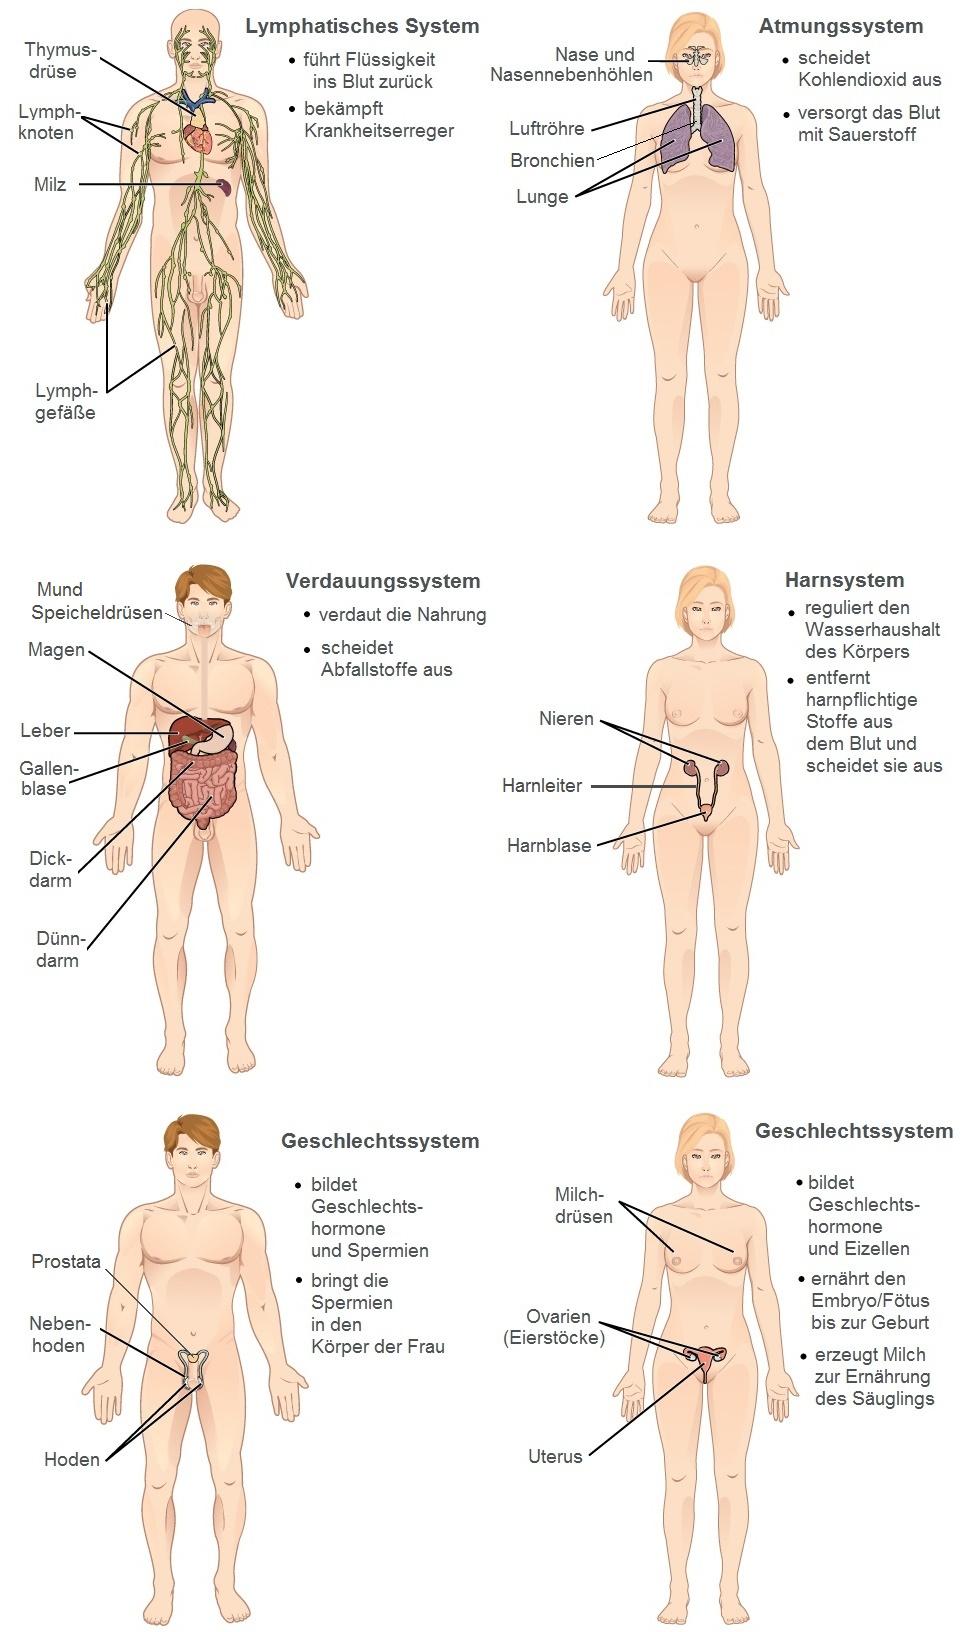 Gemütlich Organsysteme Bilder Zeitgenössisch - Menschliche Anatomie ...